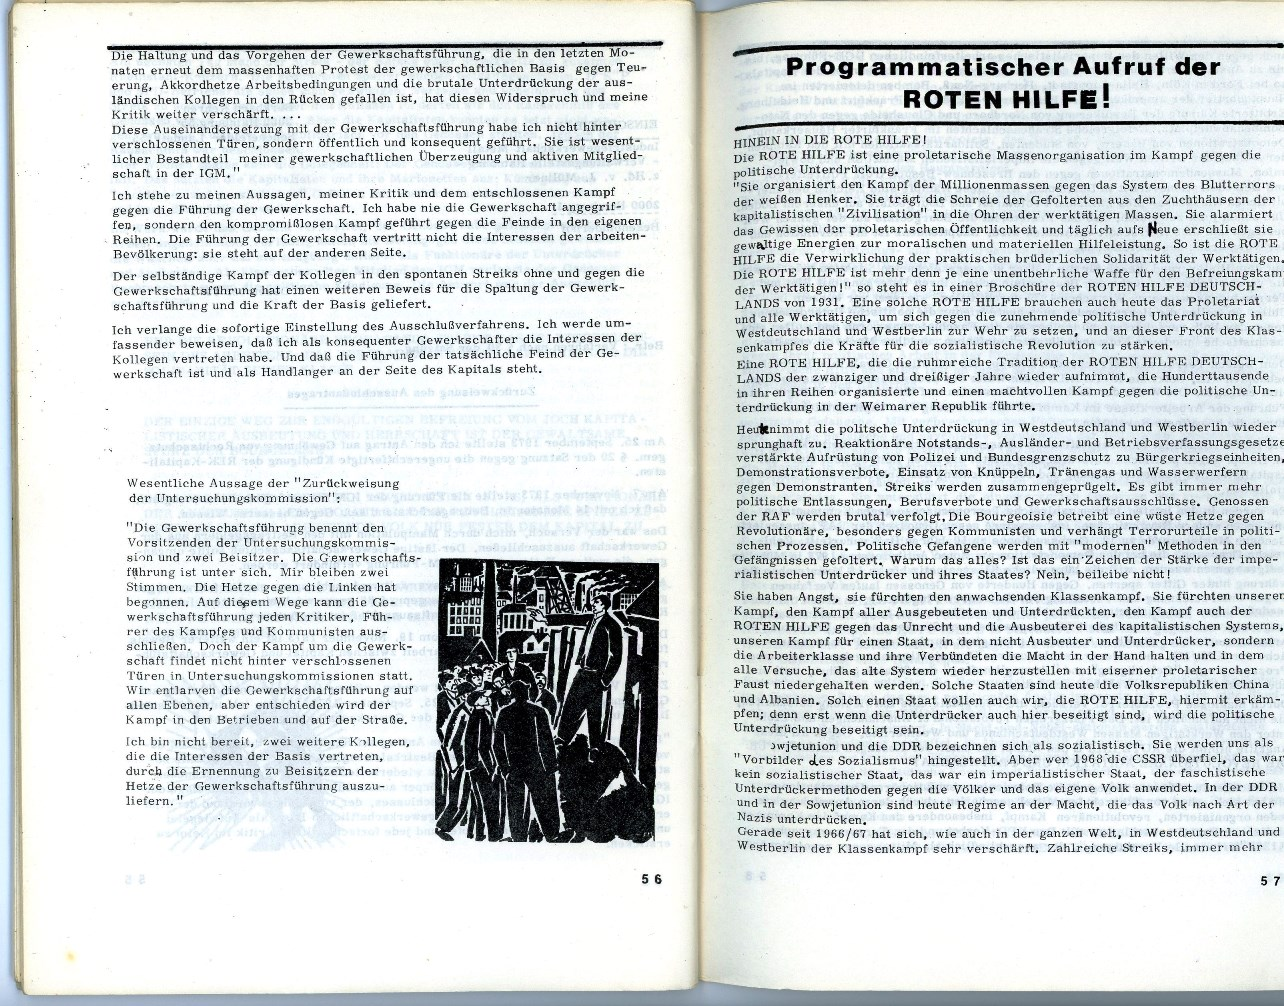 Hamburg_RH_1974_Politische_Entlassungen_30